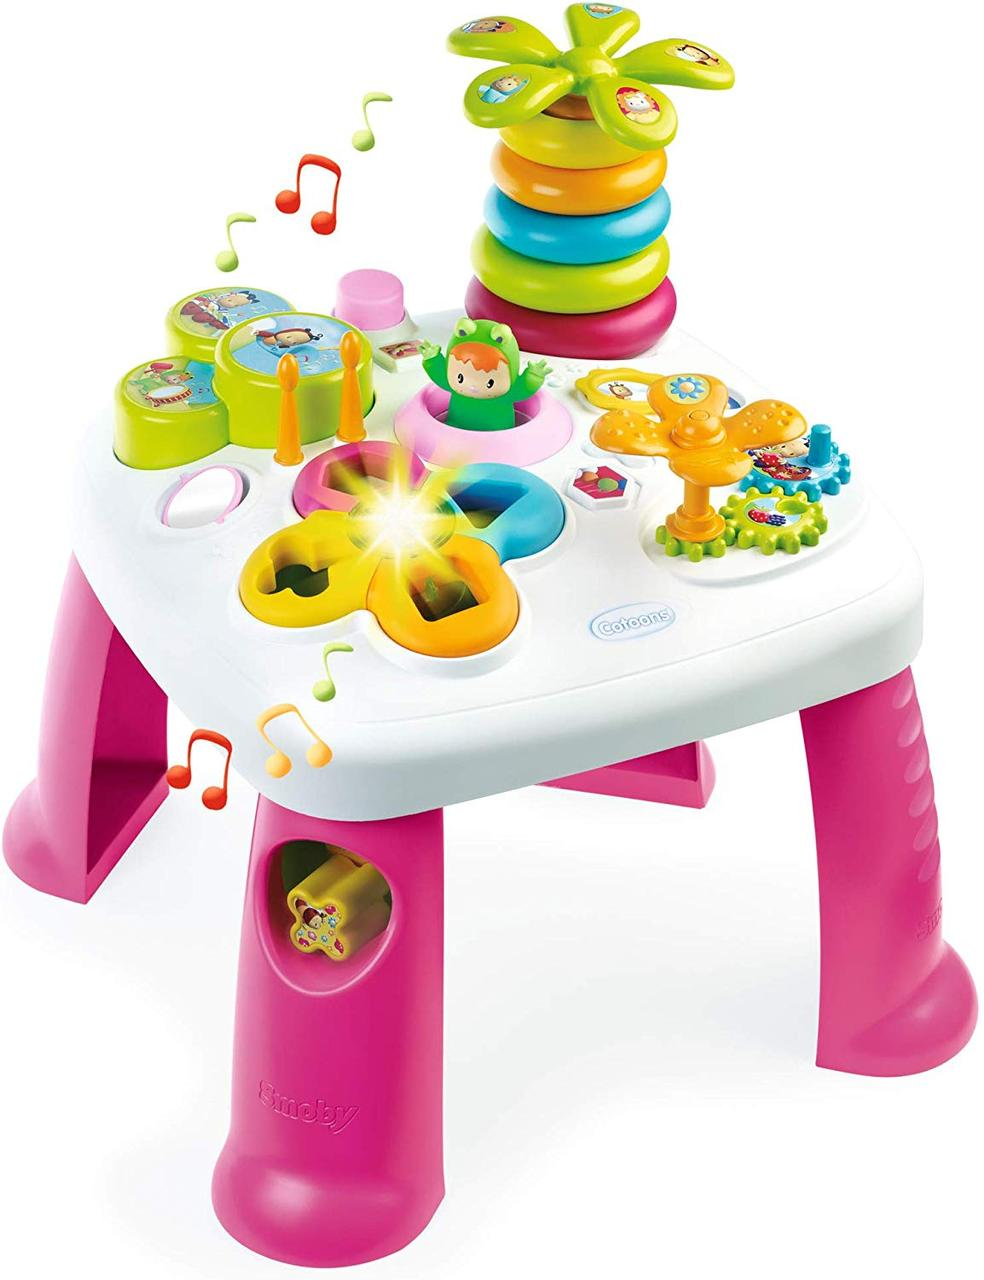 Детский игровой столик Цветочек со звуковыми и световыми эффектами бело-розовый Smoby Cotoons